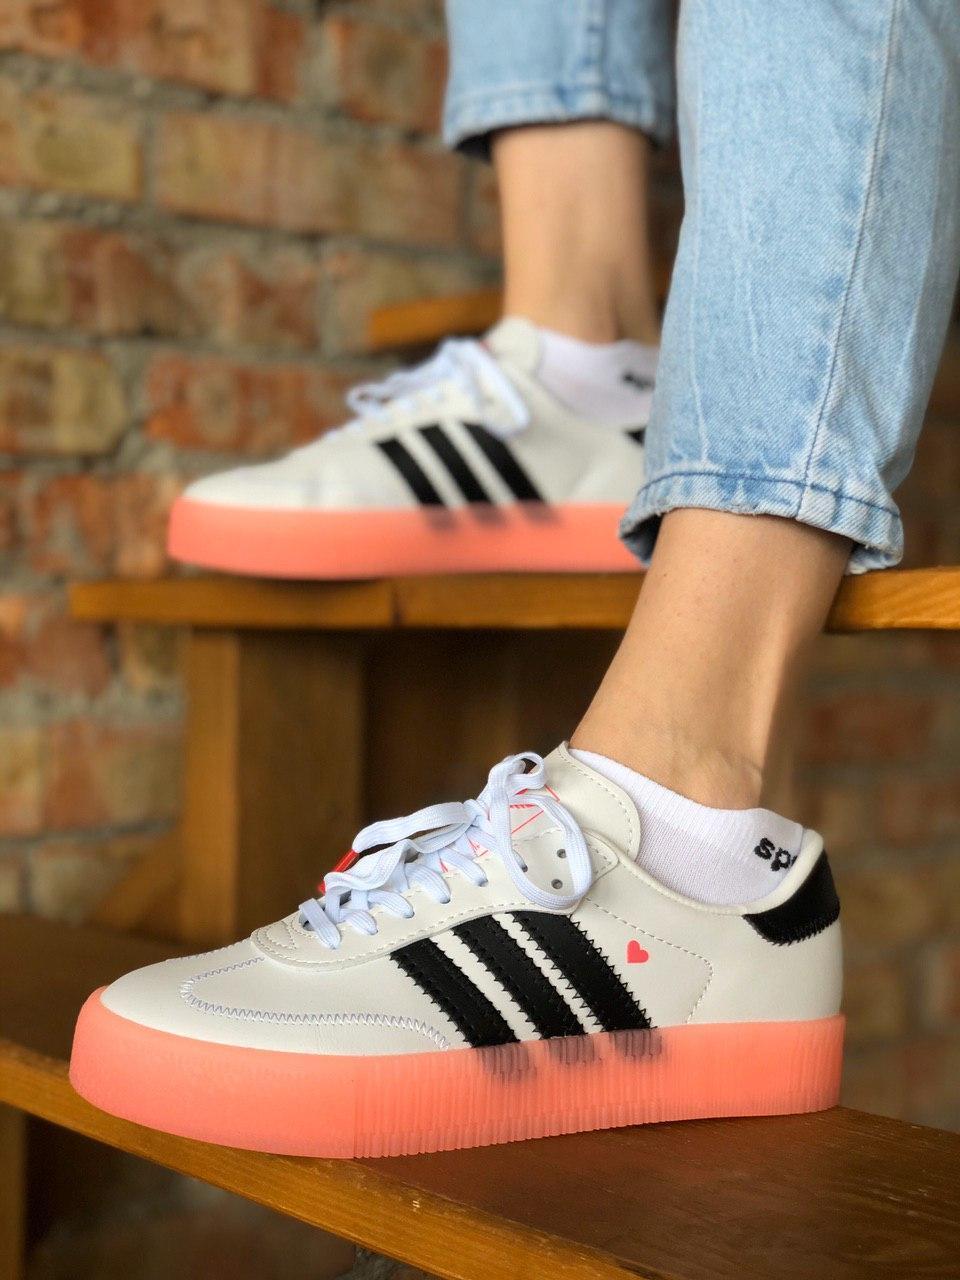 Женские кроссовки Adidas Samba / Адидас Самба